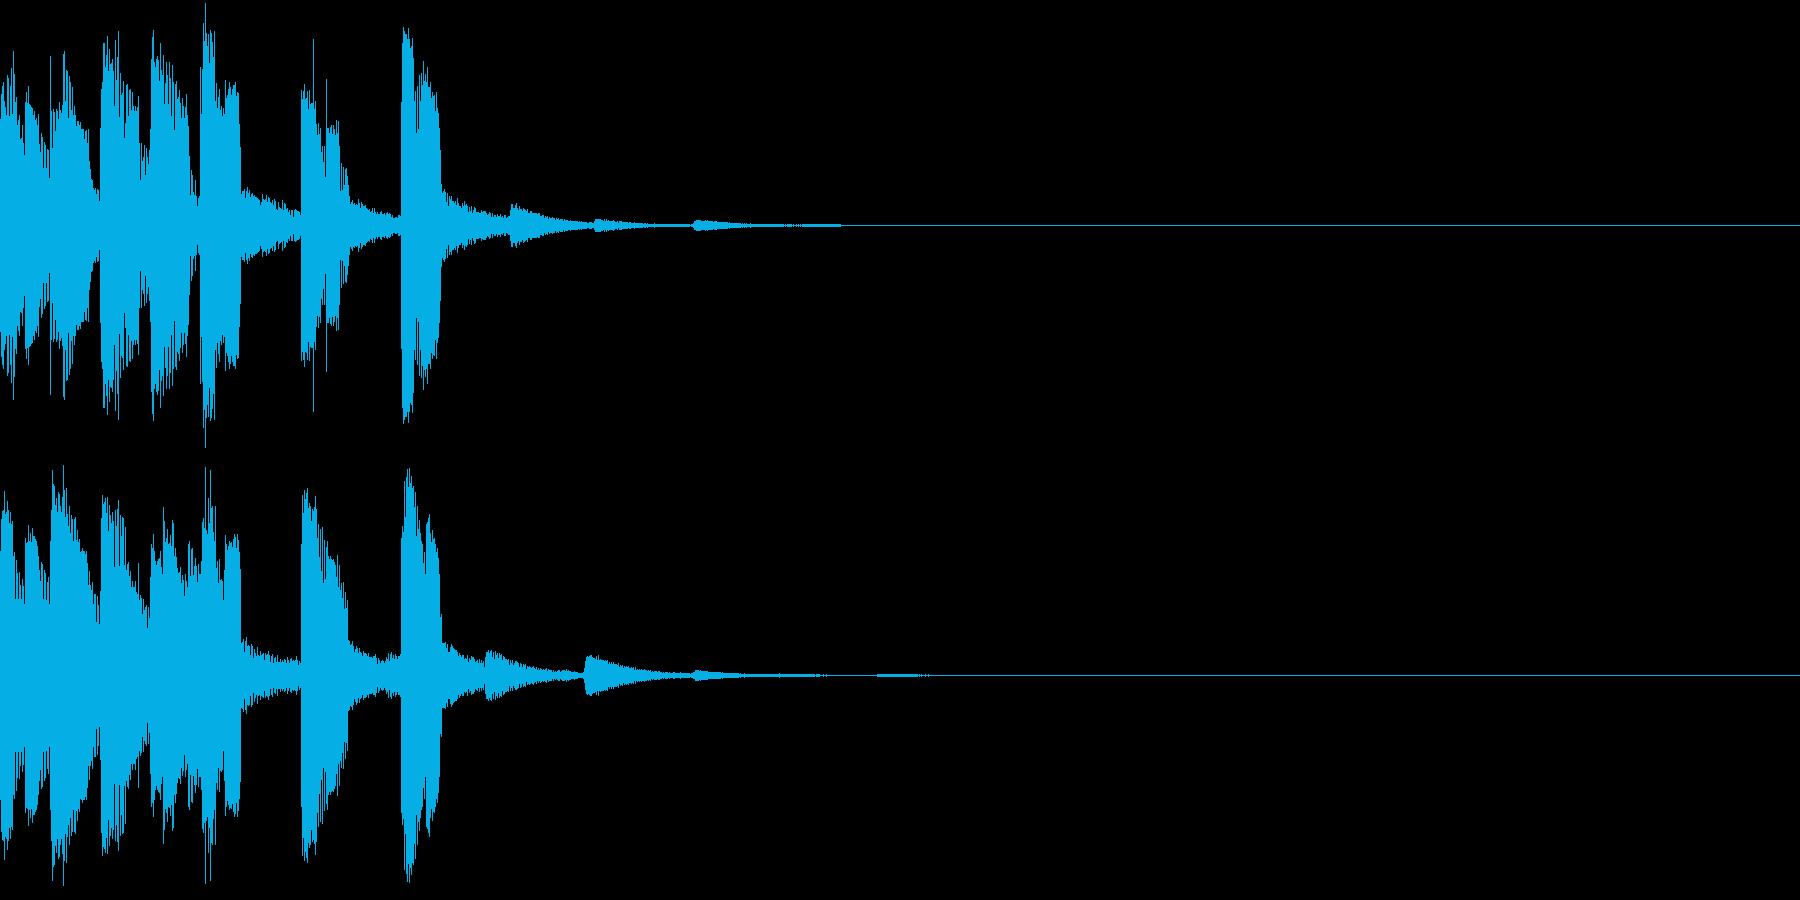 スタート アイテム 使う レベル ゲージの再生済みの波形